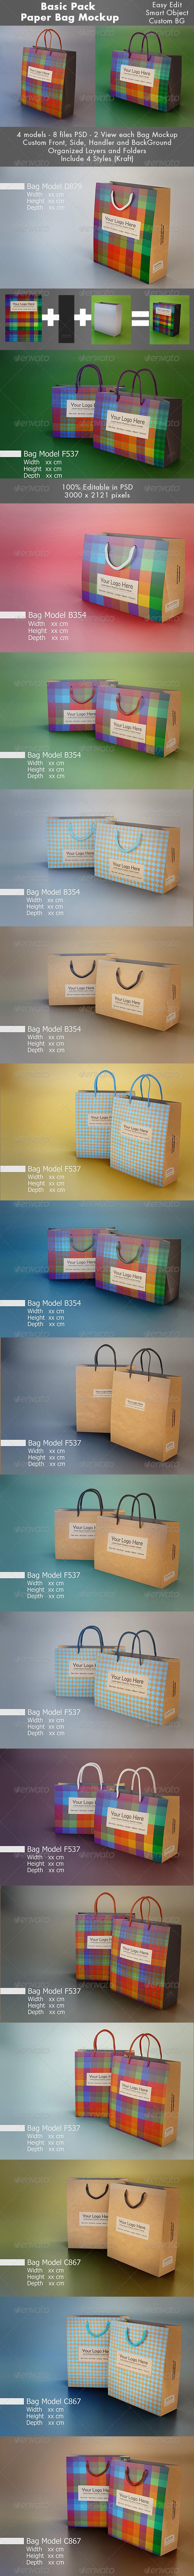 GraphicRiver Basic Pack Bag Mockup 7075207